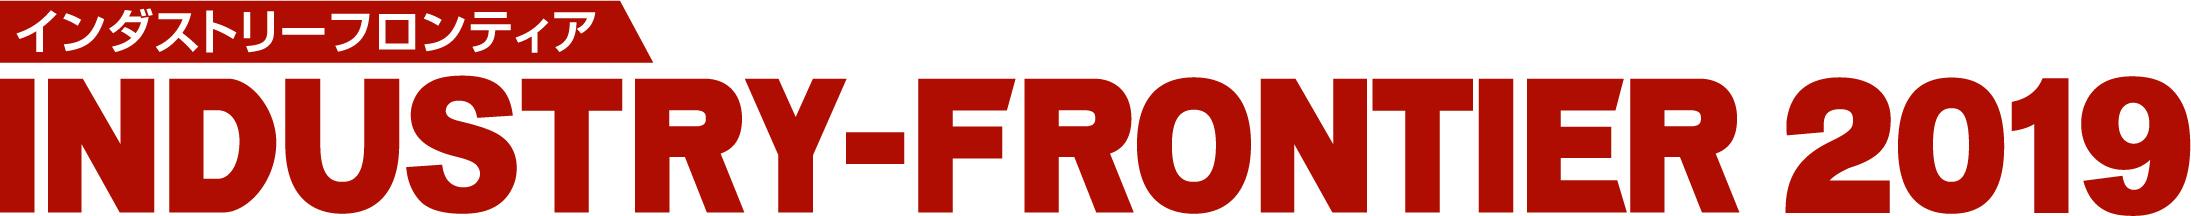 展示会出展のお知らせ「INDUSTRY-FRONTIER 2019 AIとロボティクス産業 ...